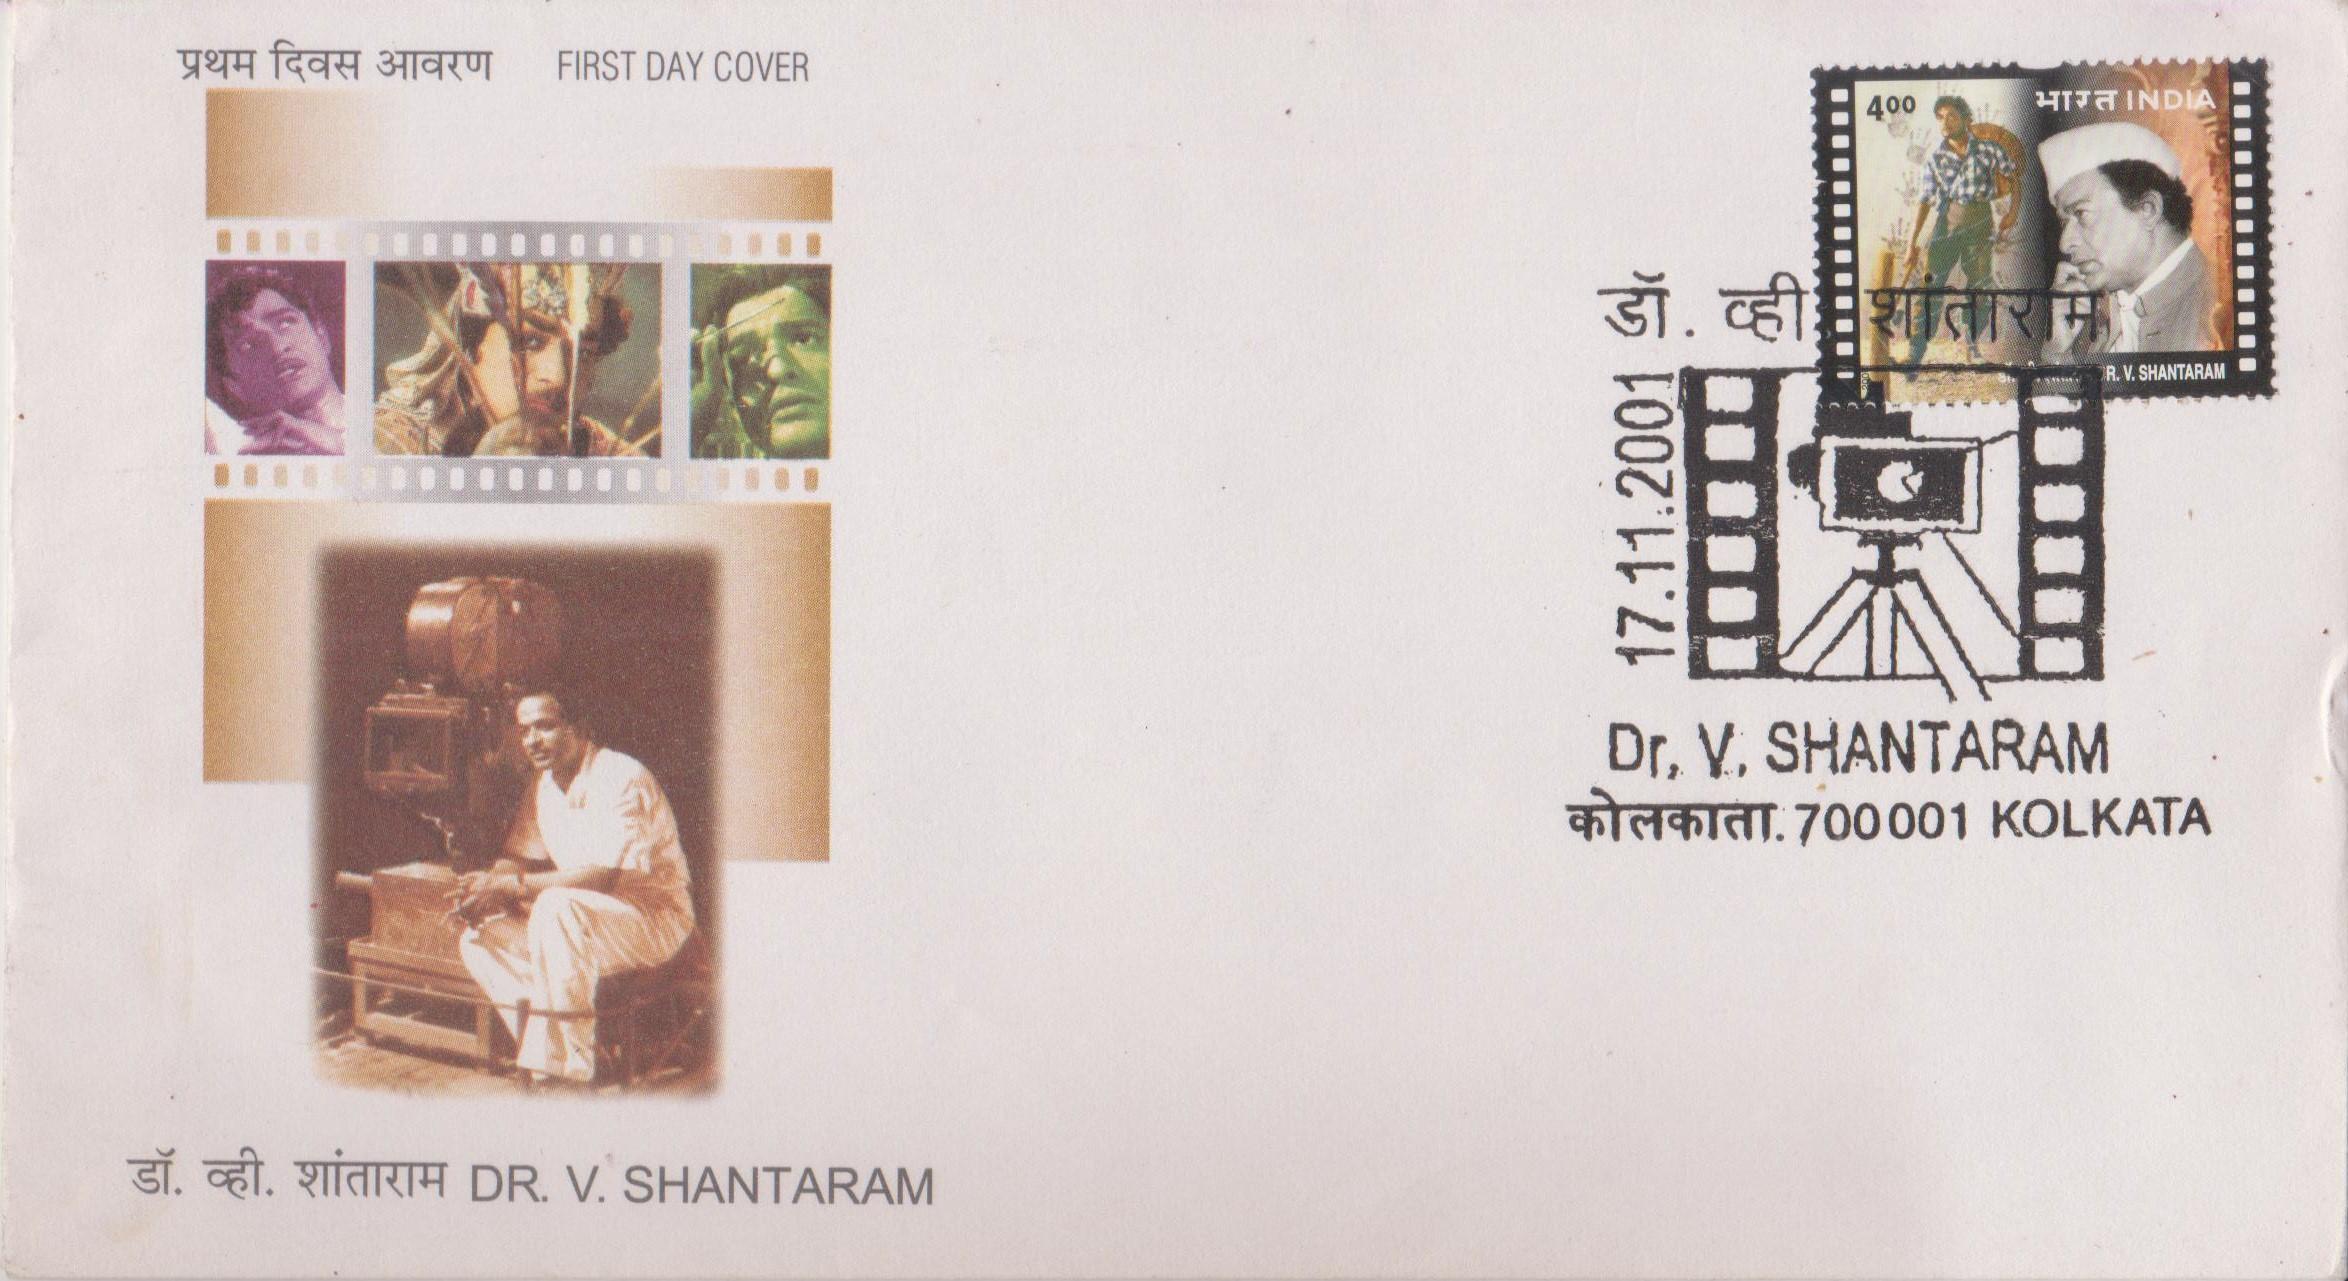 Shantaram Bapu : Marathi cinema